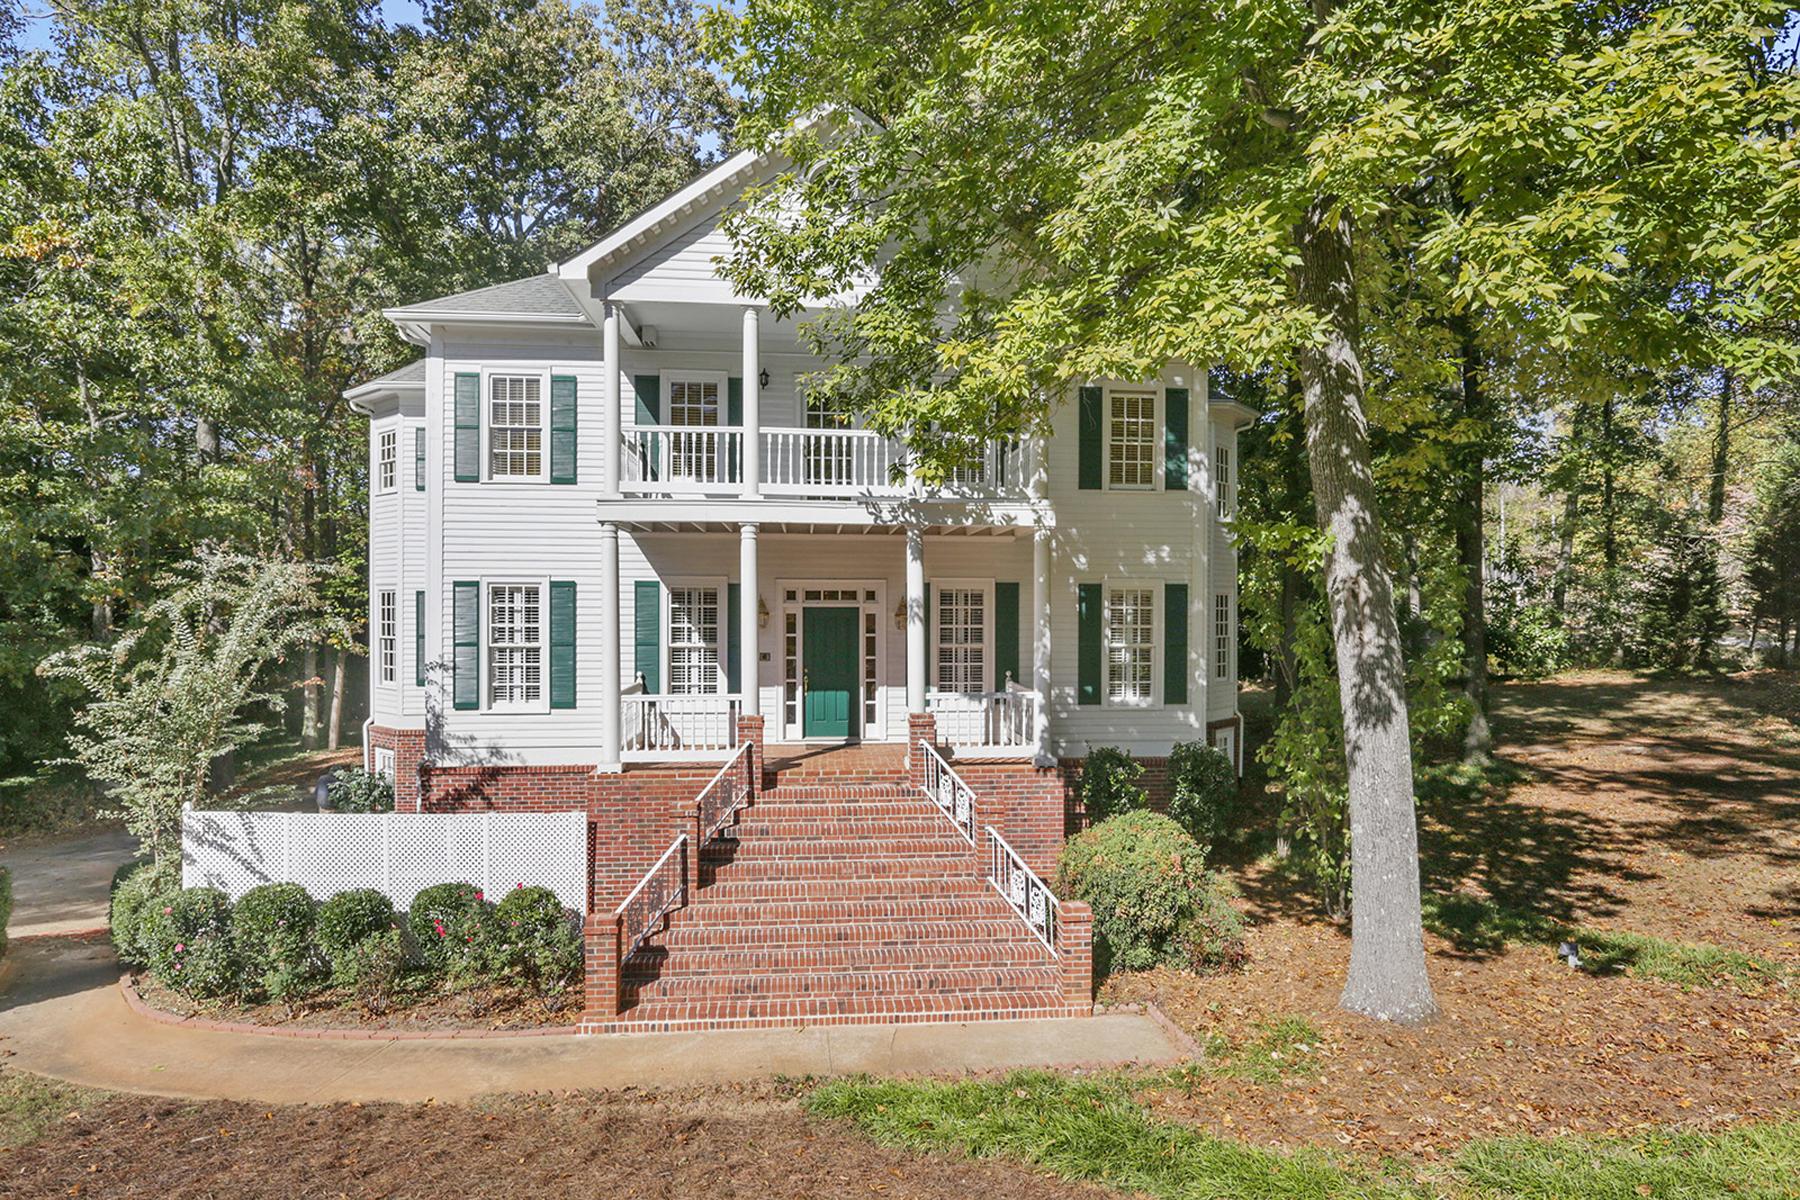 Tek Ailelik Ev için Satış at Gorgeous Antebellum Reproduction 101 Old Mountain Rd Powder Springs, Georgia, 30127 Amerika Birleşik Devletleri